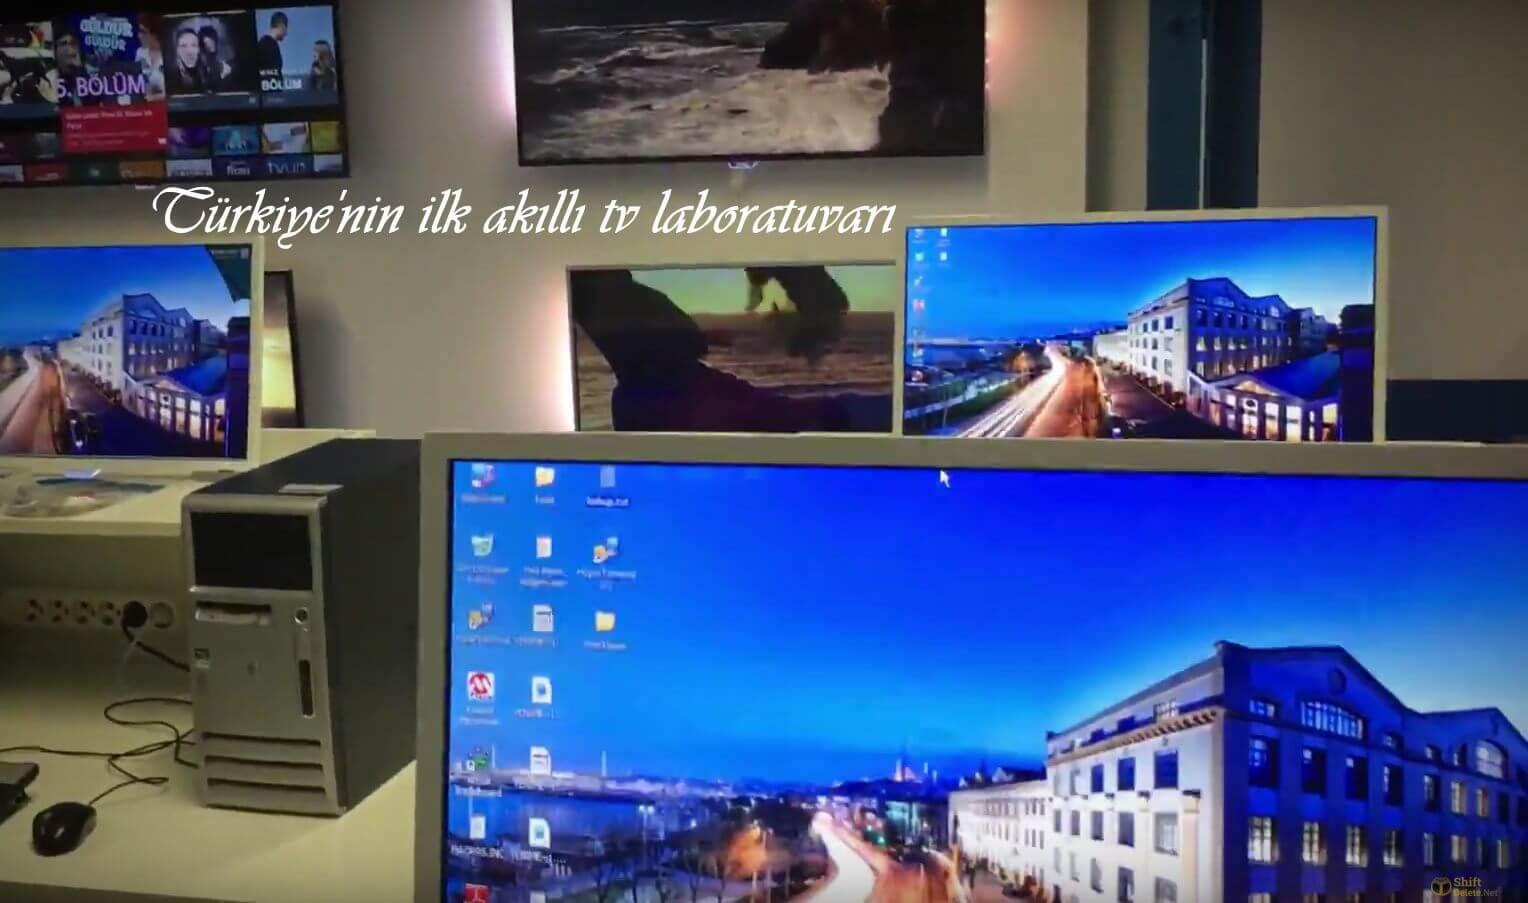 Türkiye'de akıllı TV laboratuvarı açıldı! Peki ne işe yarıyor?